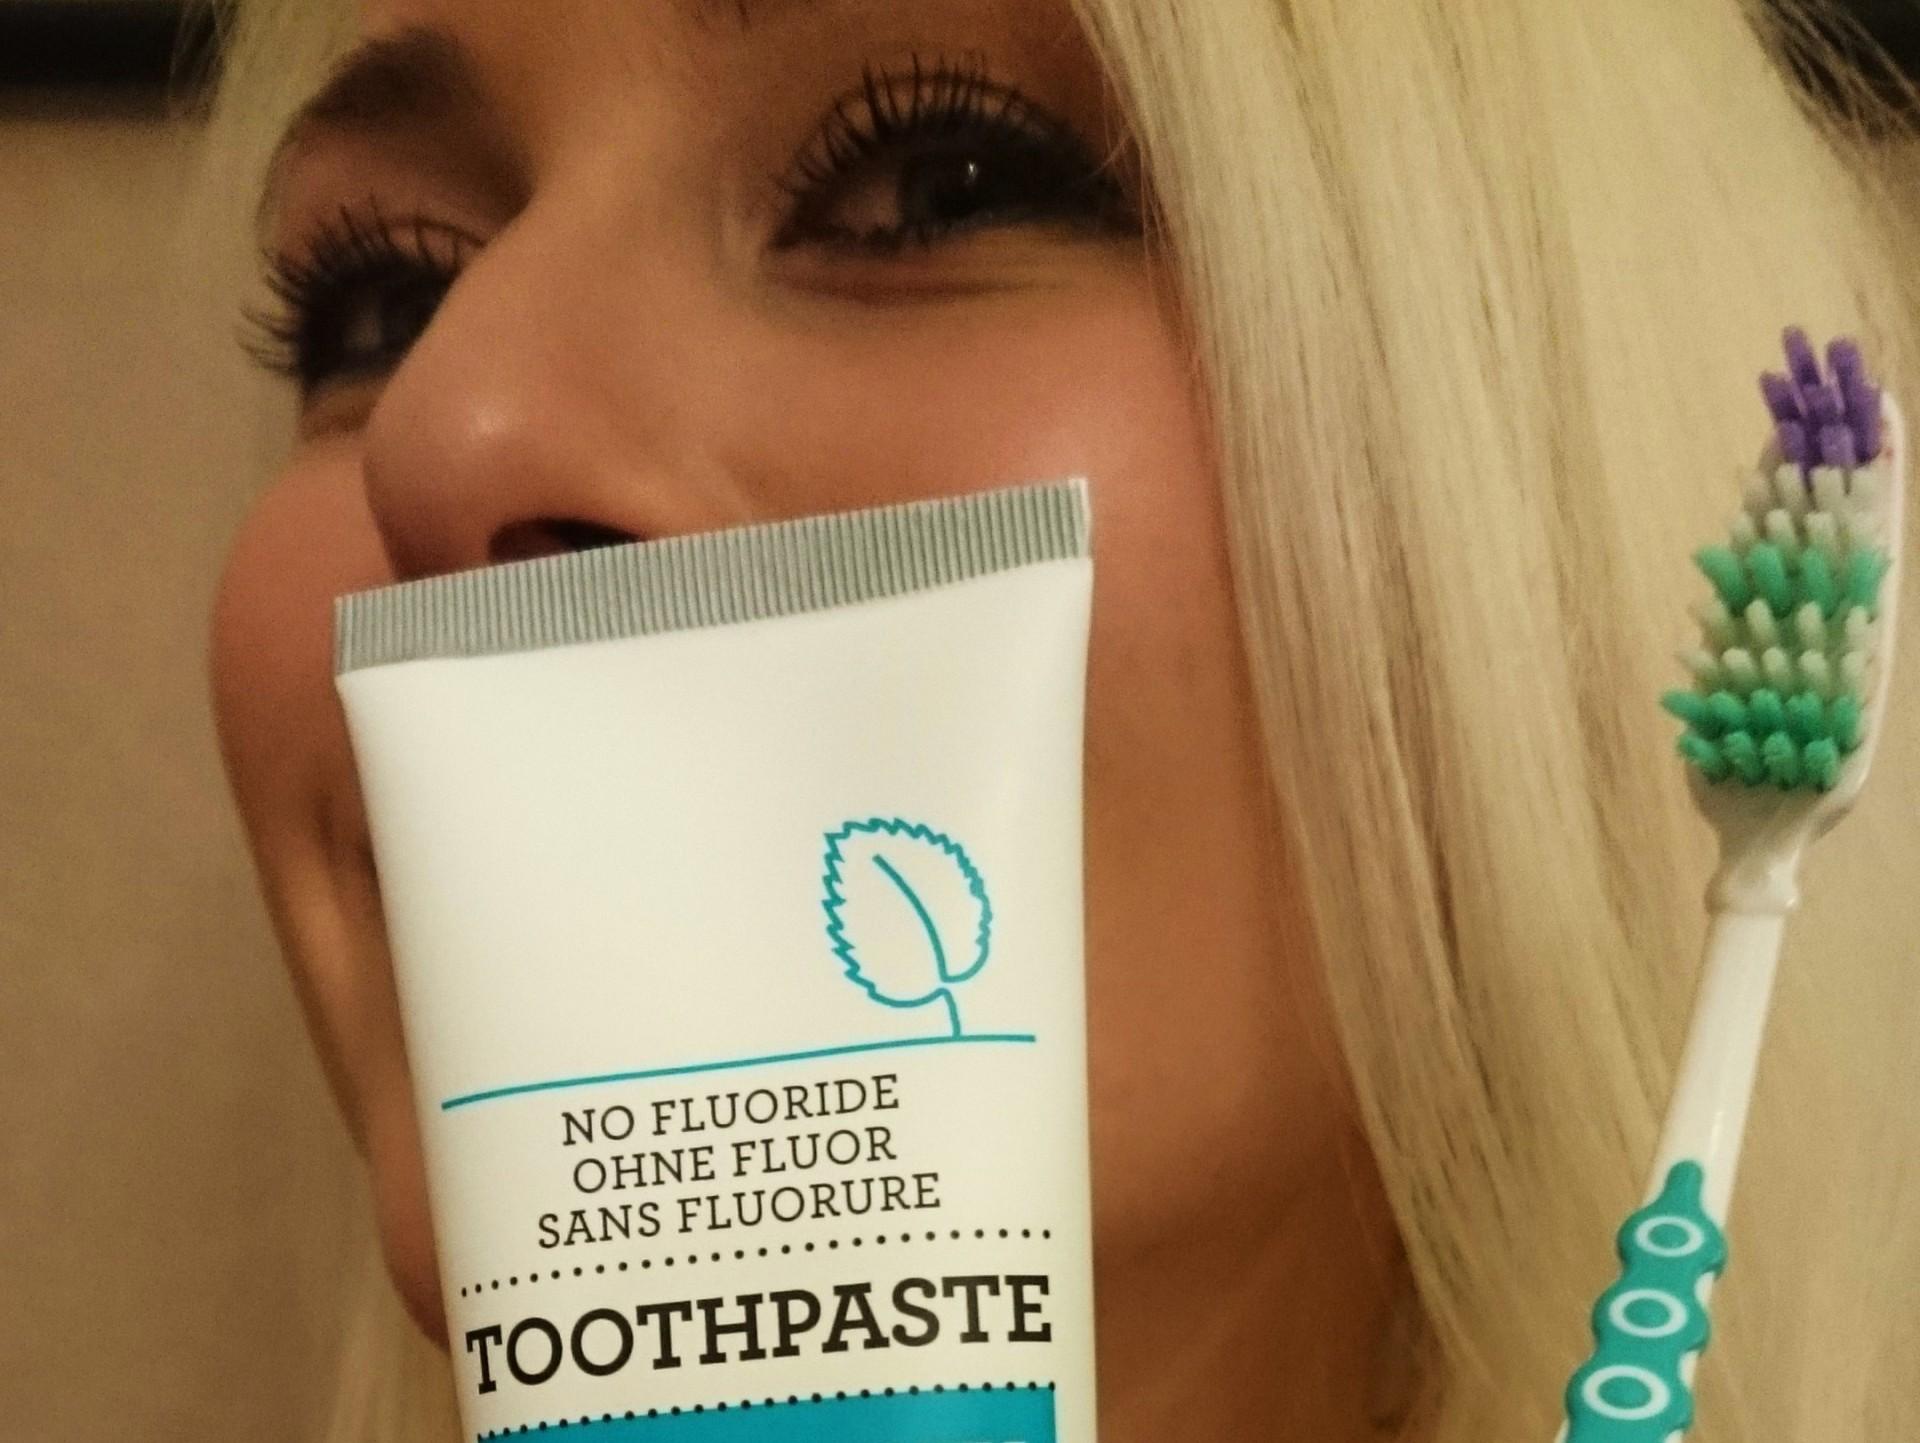 LuonnonkosmetiikkaWithDeli_Toothpaste